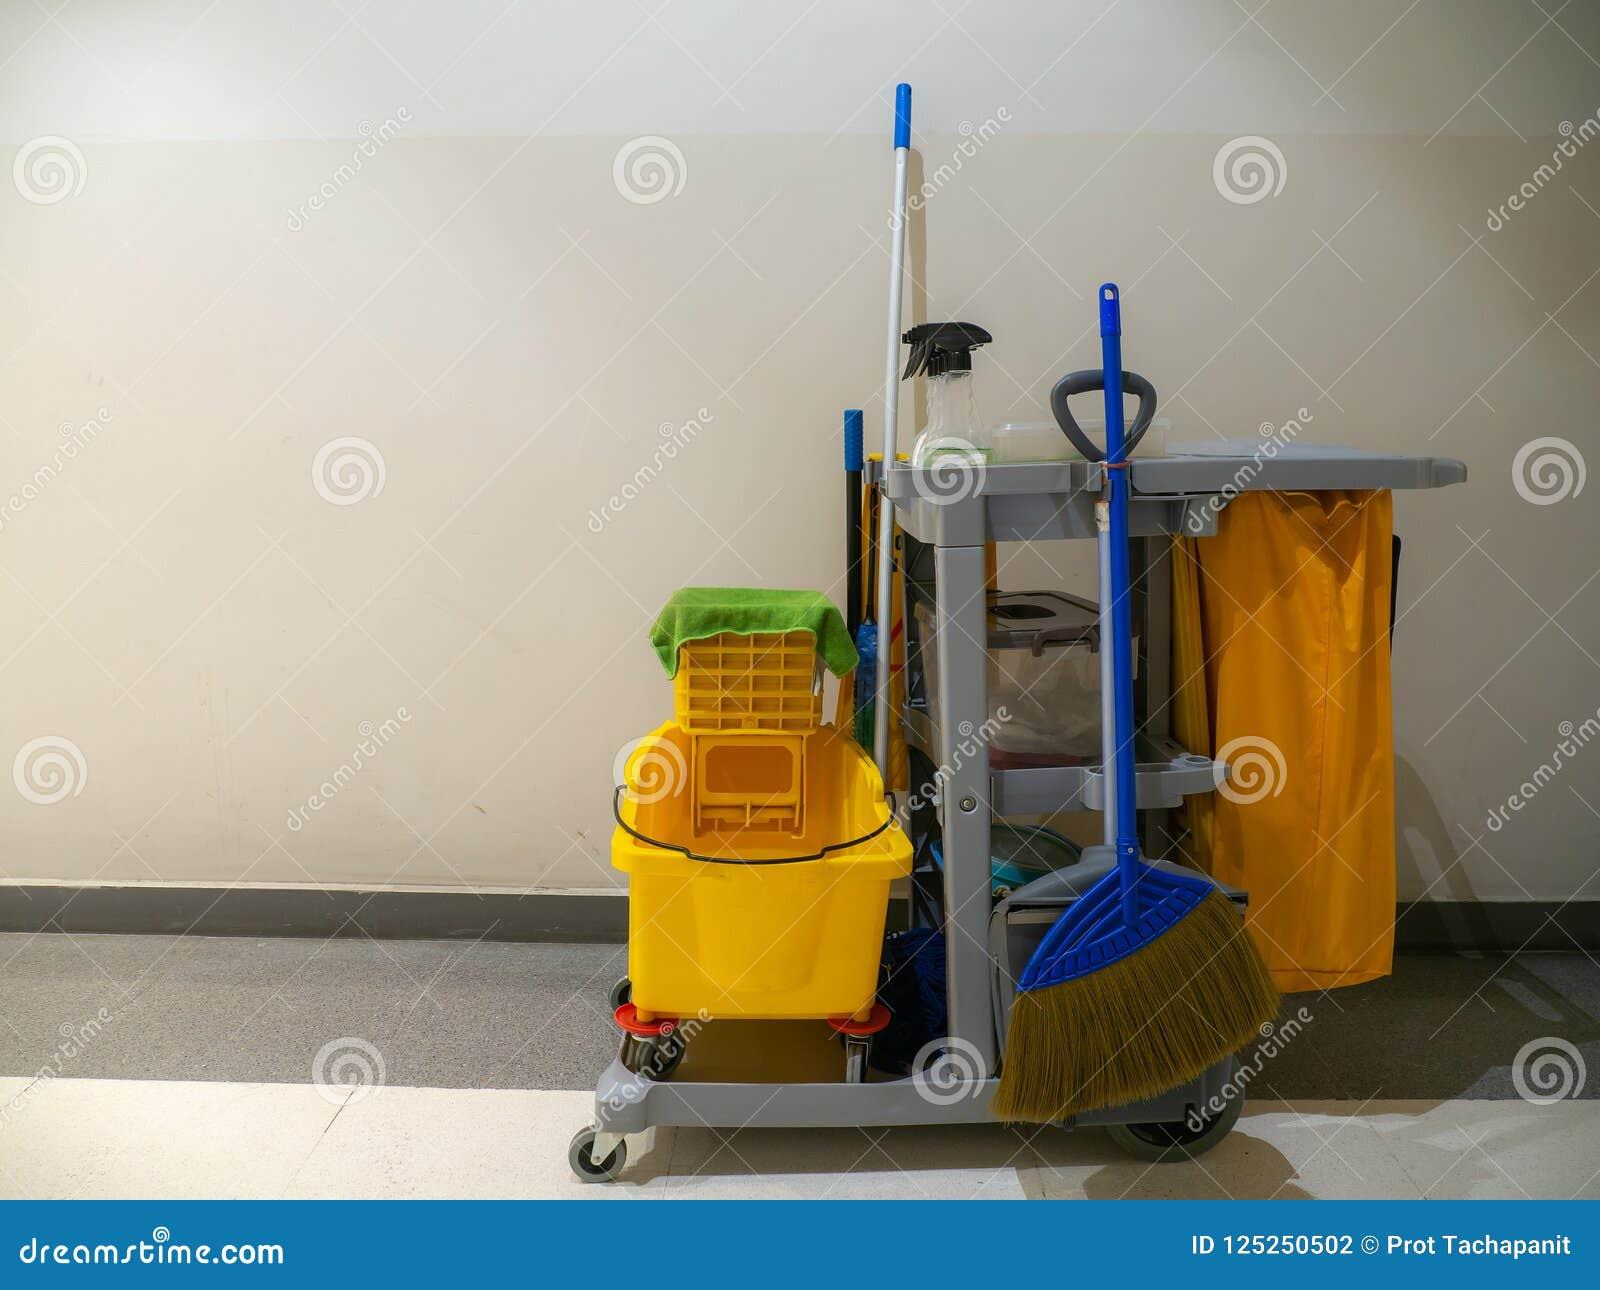 Espera do carro das ferramentas da limpeza para o líquido de limpeza Cubeta e grupo de equipamento da limpeza no armazém serviço